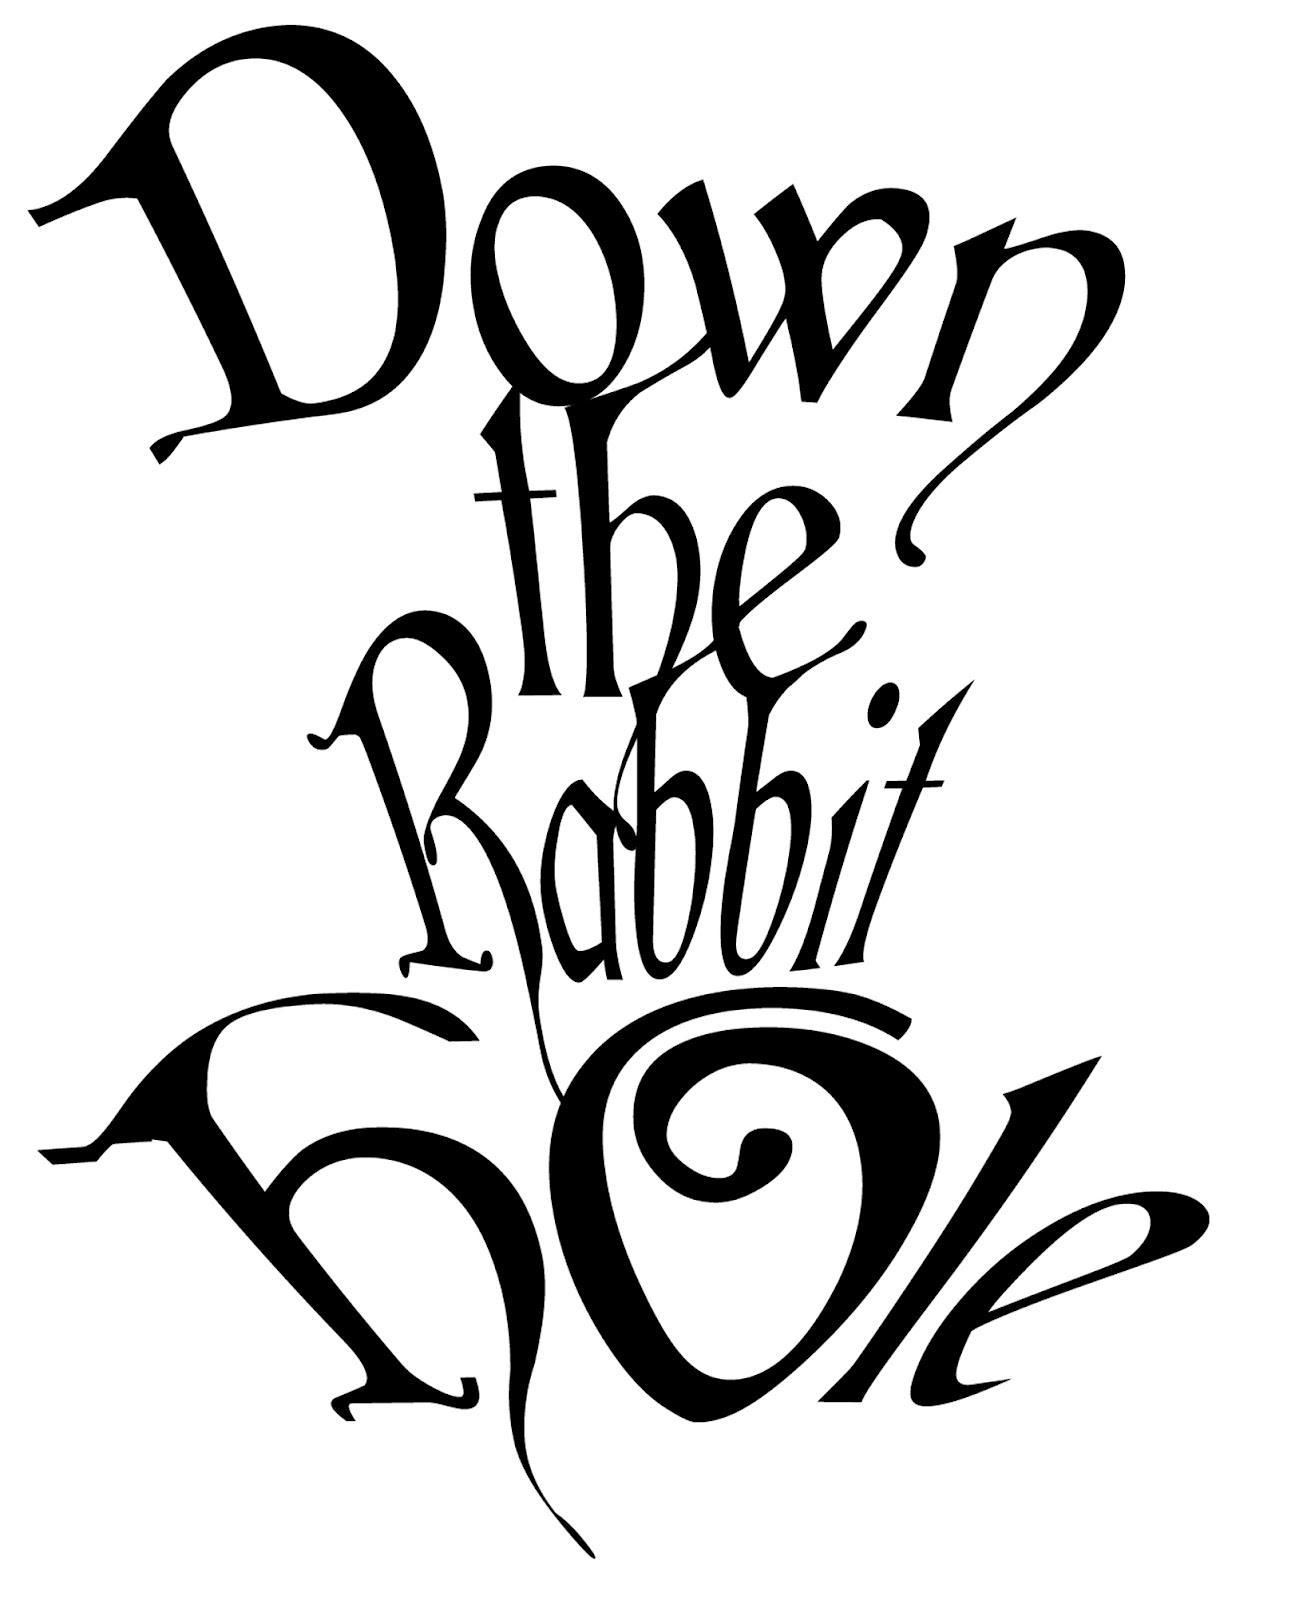 hopping over the rabbit hole epub